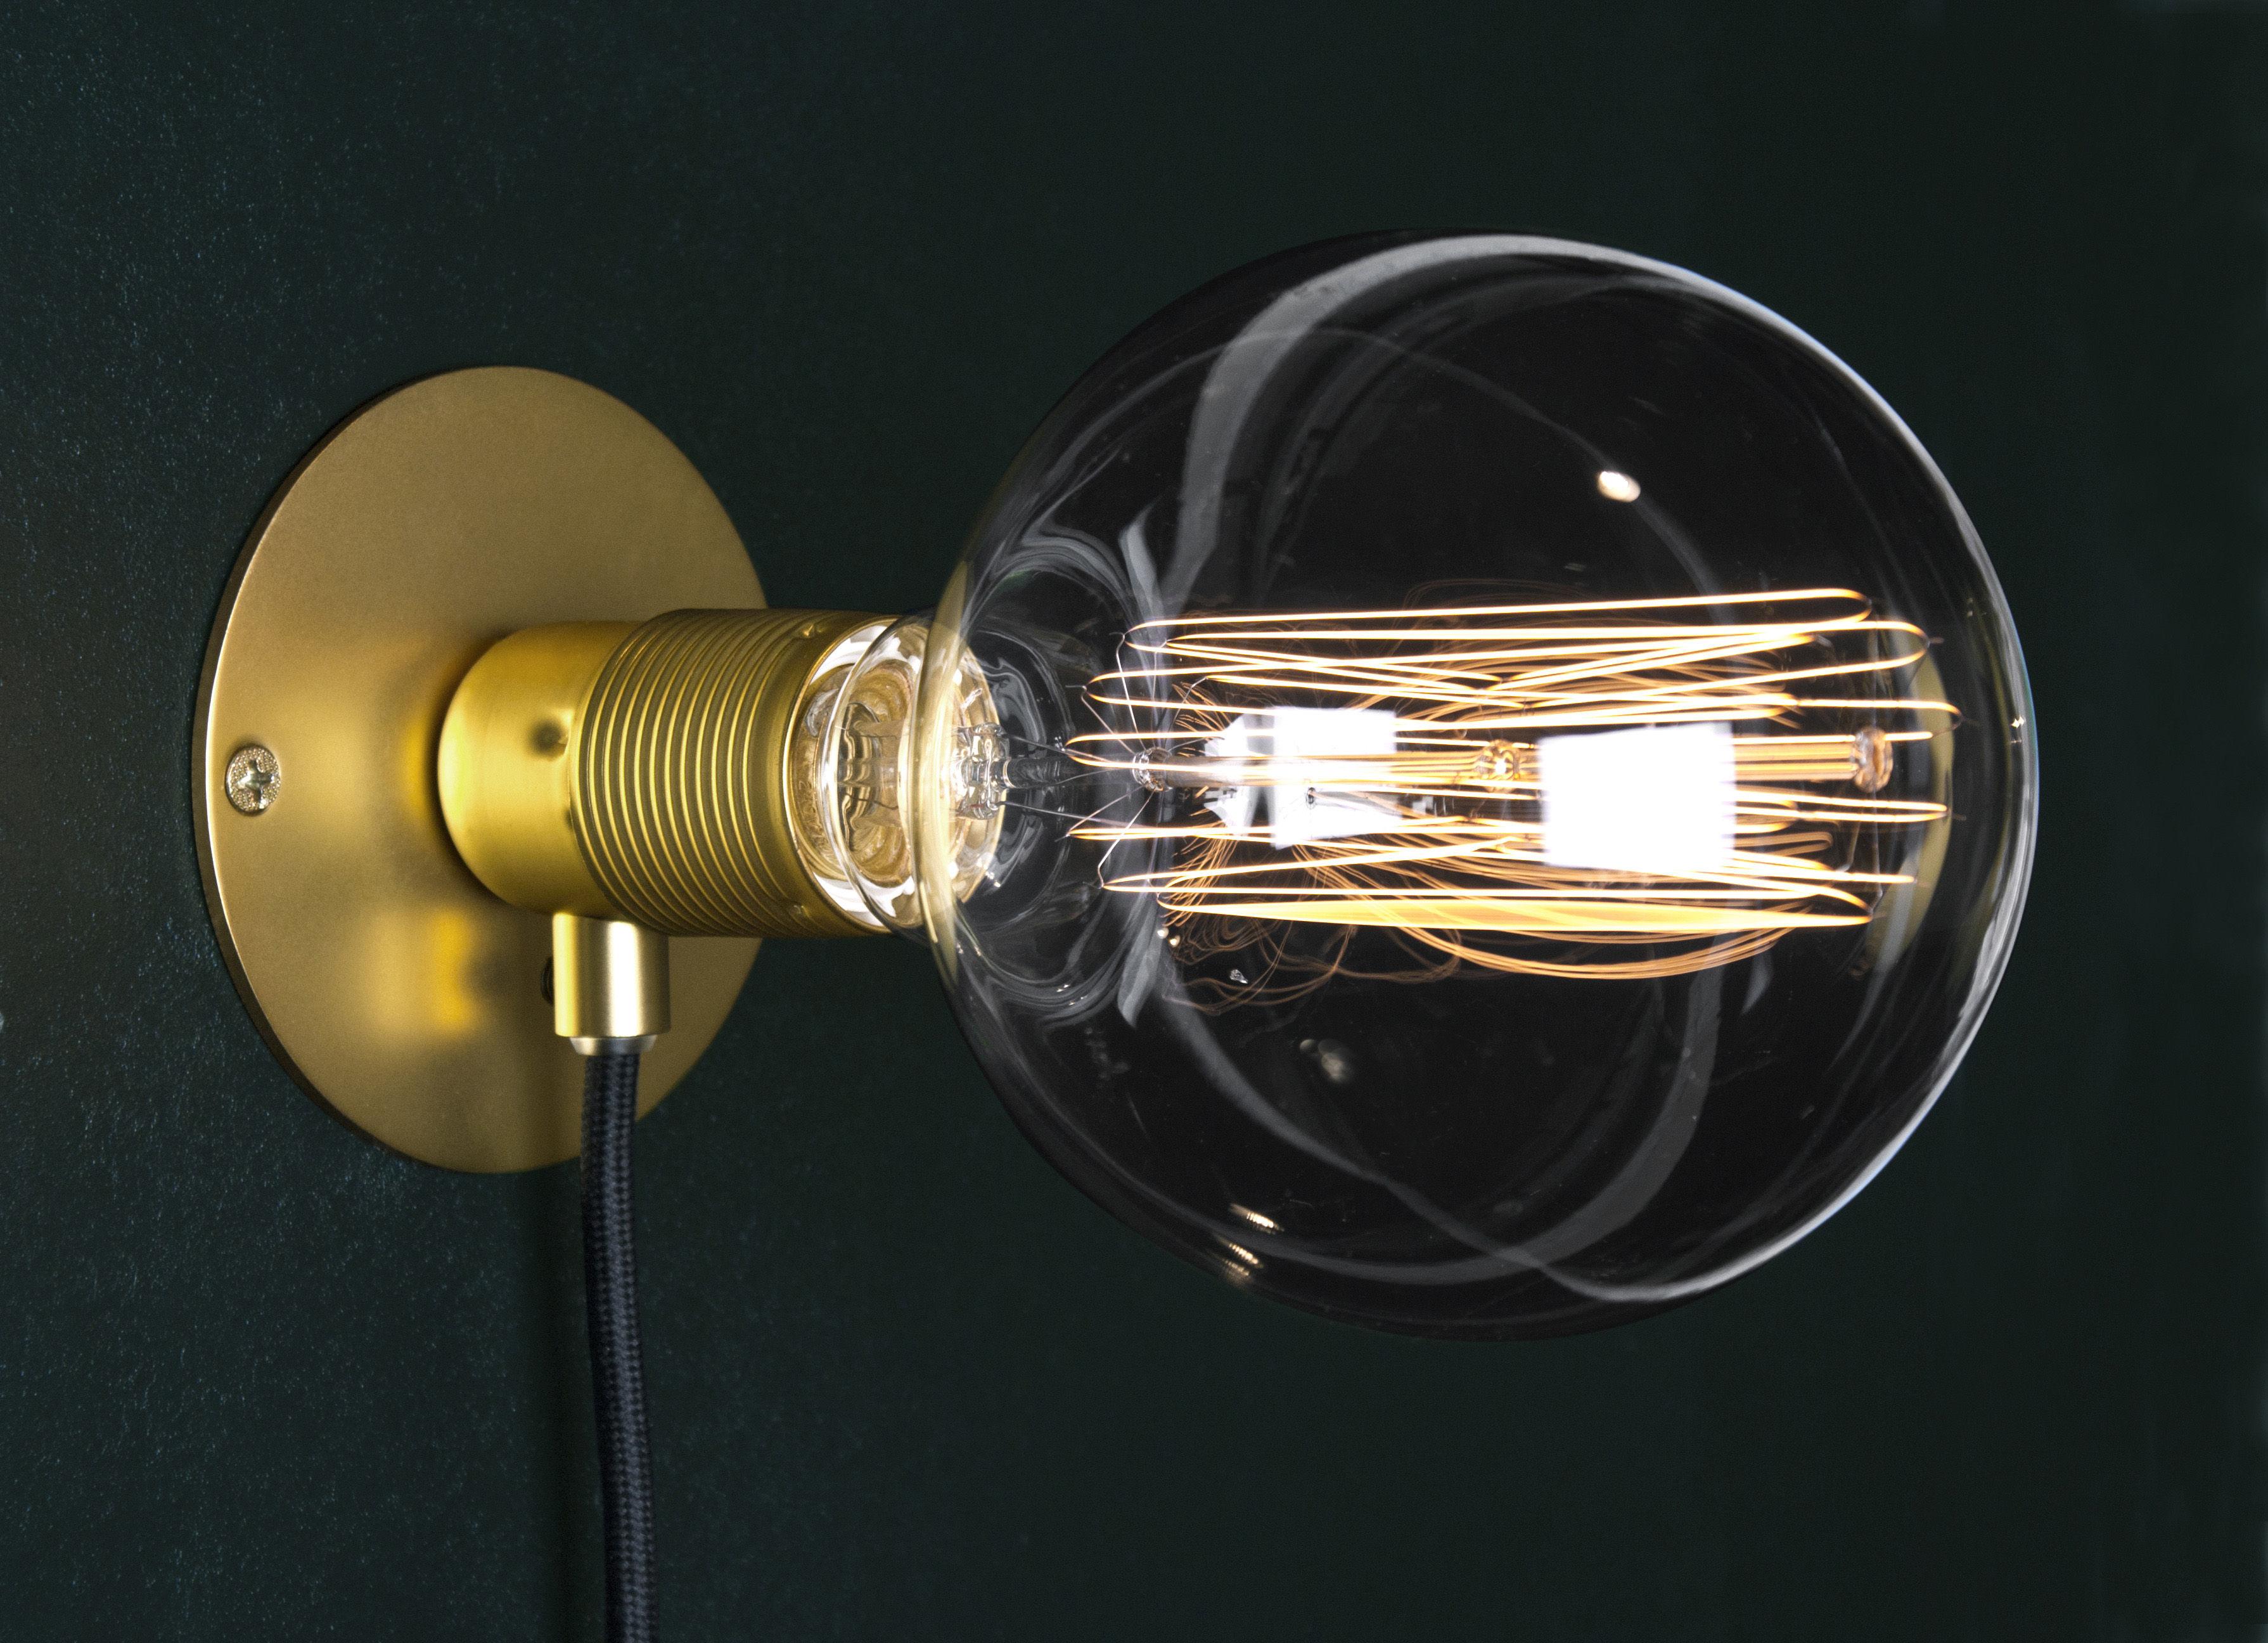 Leuchten - Wandleuchten - Frama Kit Wandleuchte mit Stromkabel klein / Ø 12 cm - Frama  - Messing / Kabel schwarz - Metall